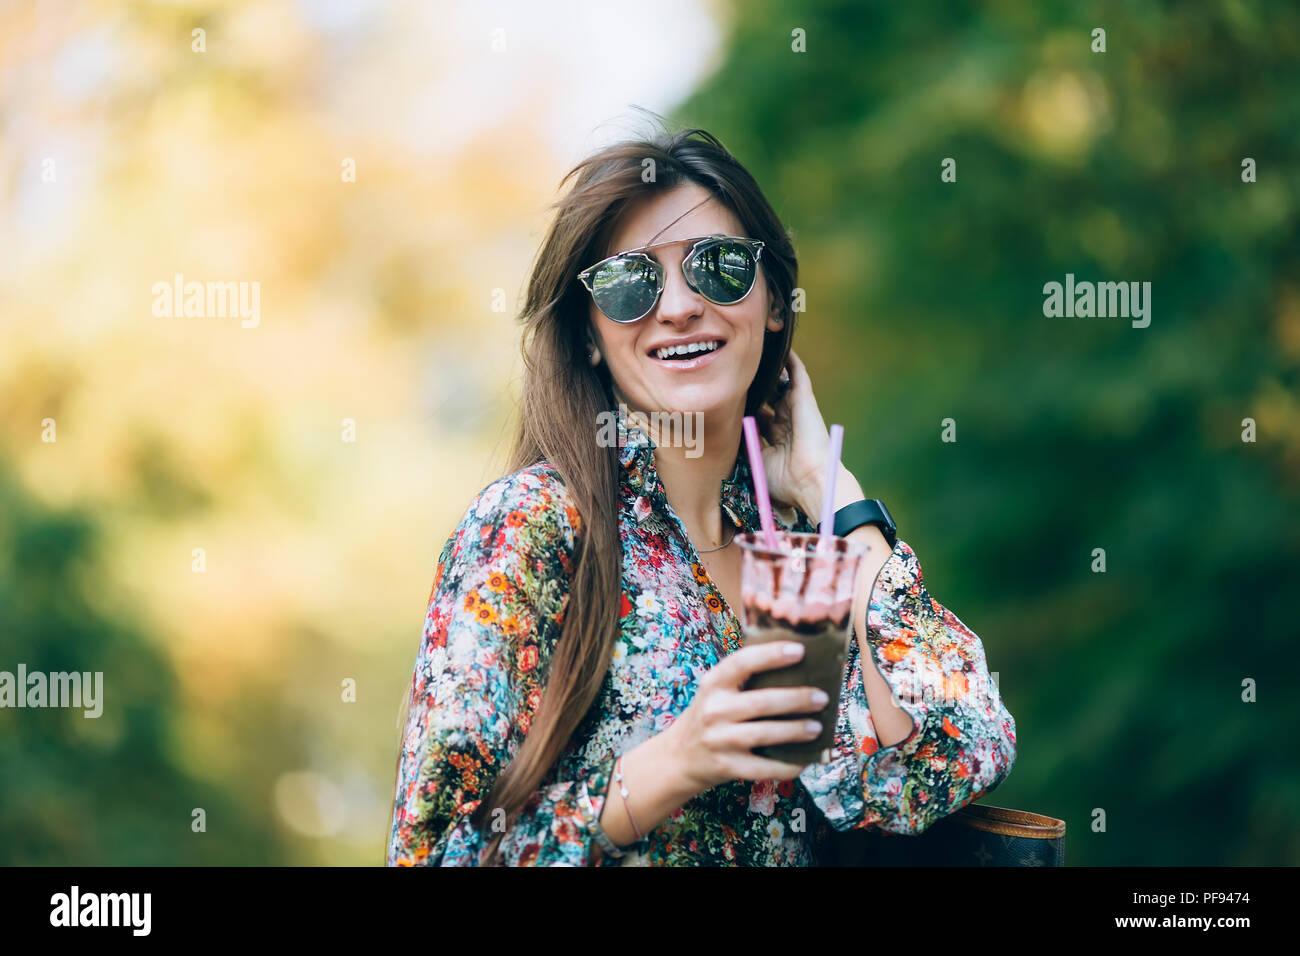 Joven en anteojos con malteada. Outdoor Lifestyle otoño retrato de hermosa mujer sonriente. Imagen De Stock